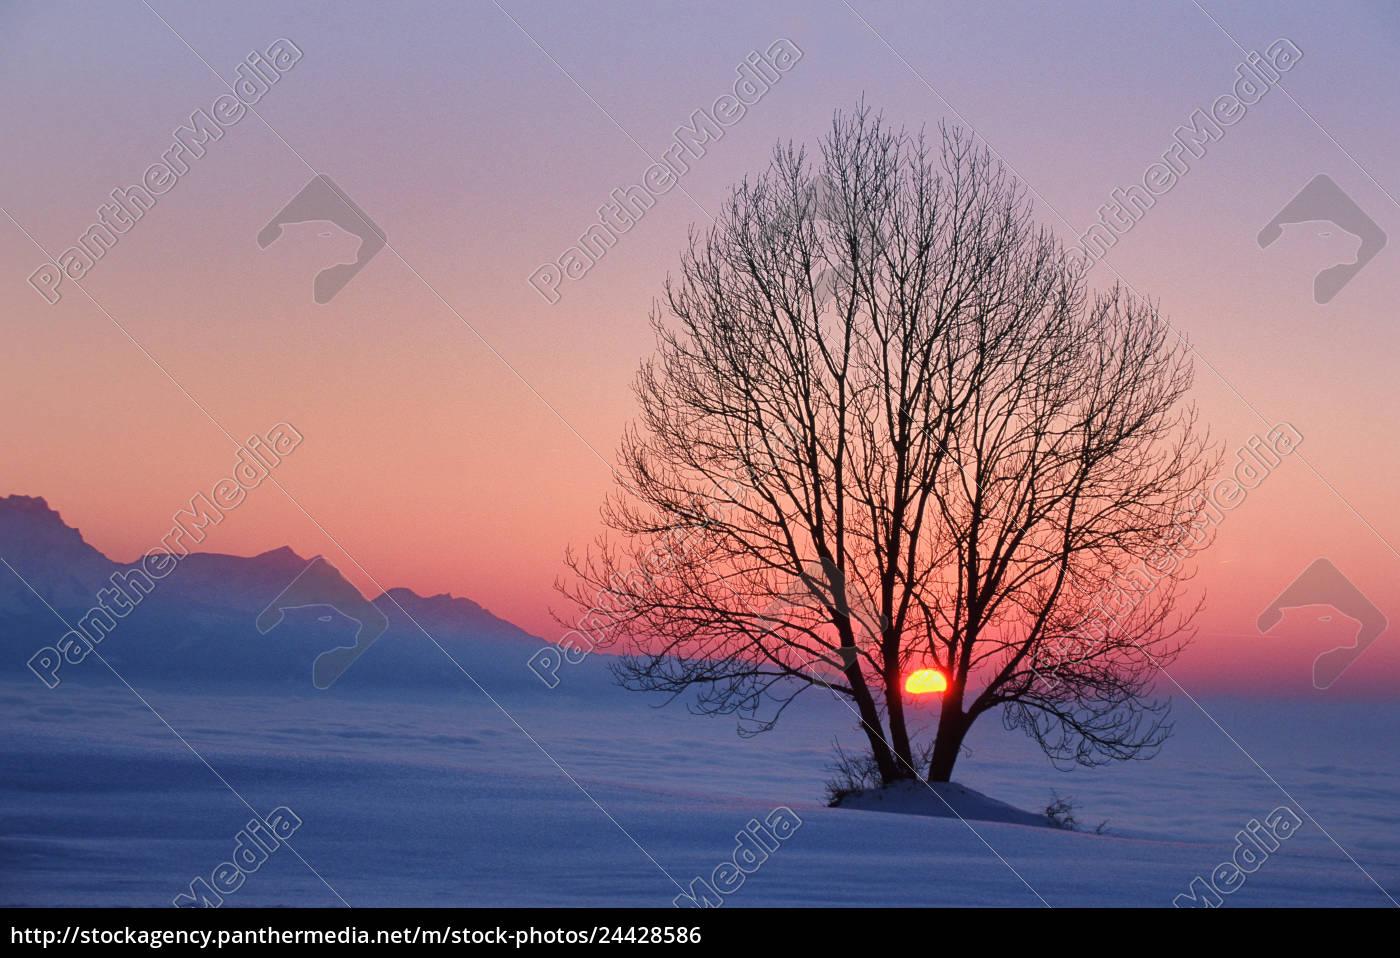 baumsilhouette, im, sonnenuntergang, vom, zugerberg, mit - 24428586